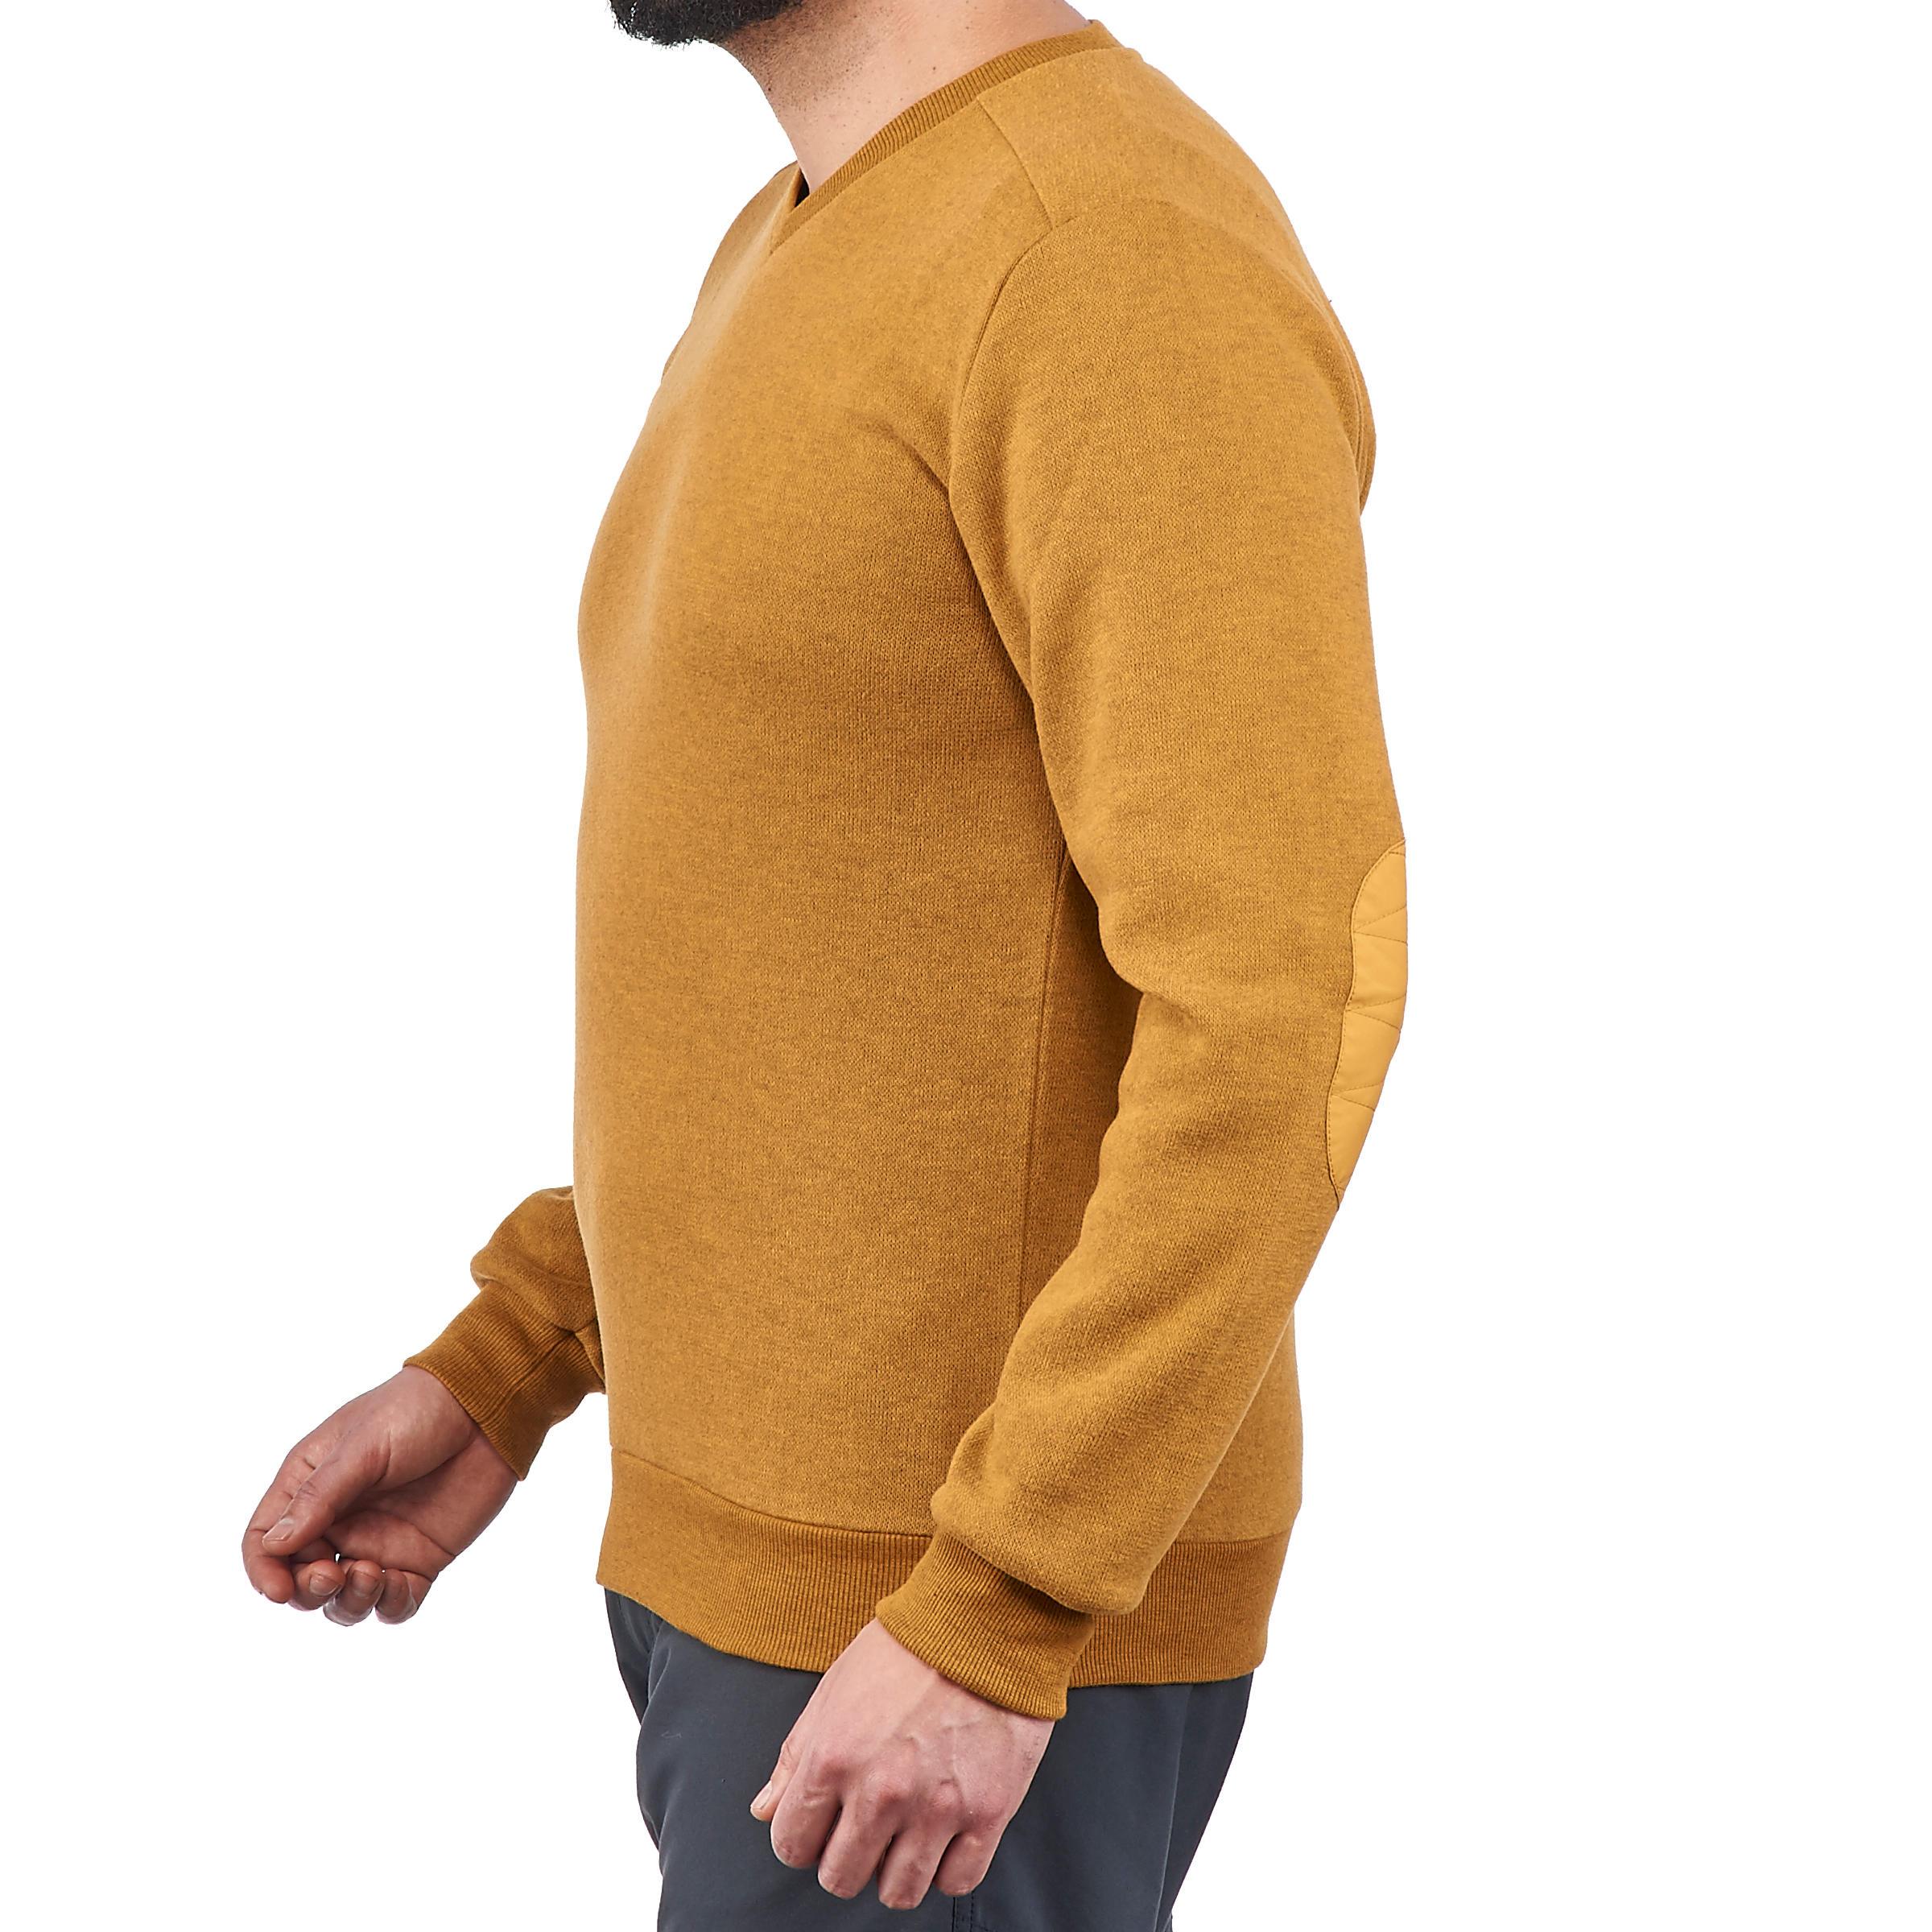 NH150 Men's Hiking Pullover - Ochre